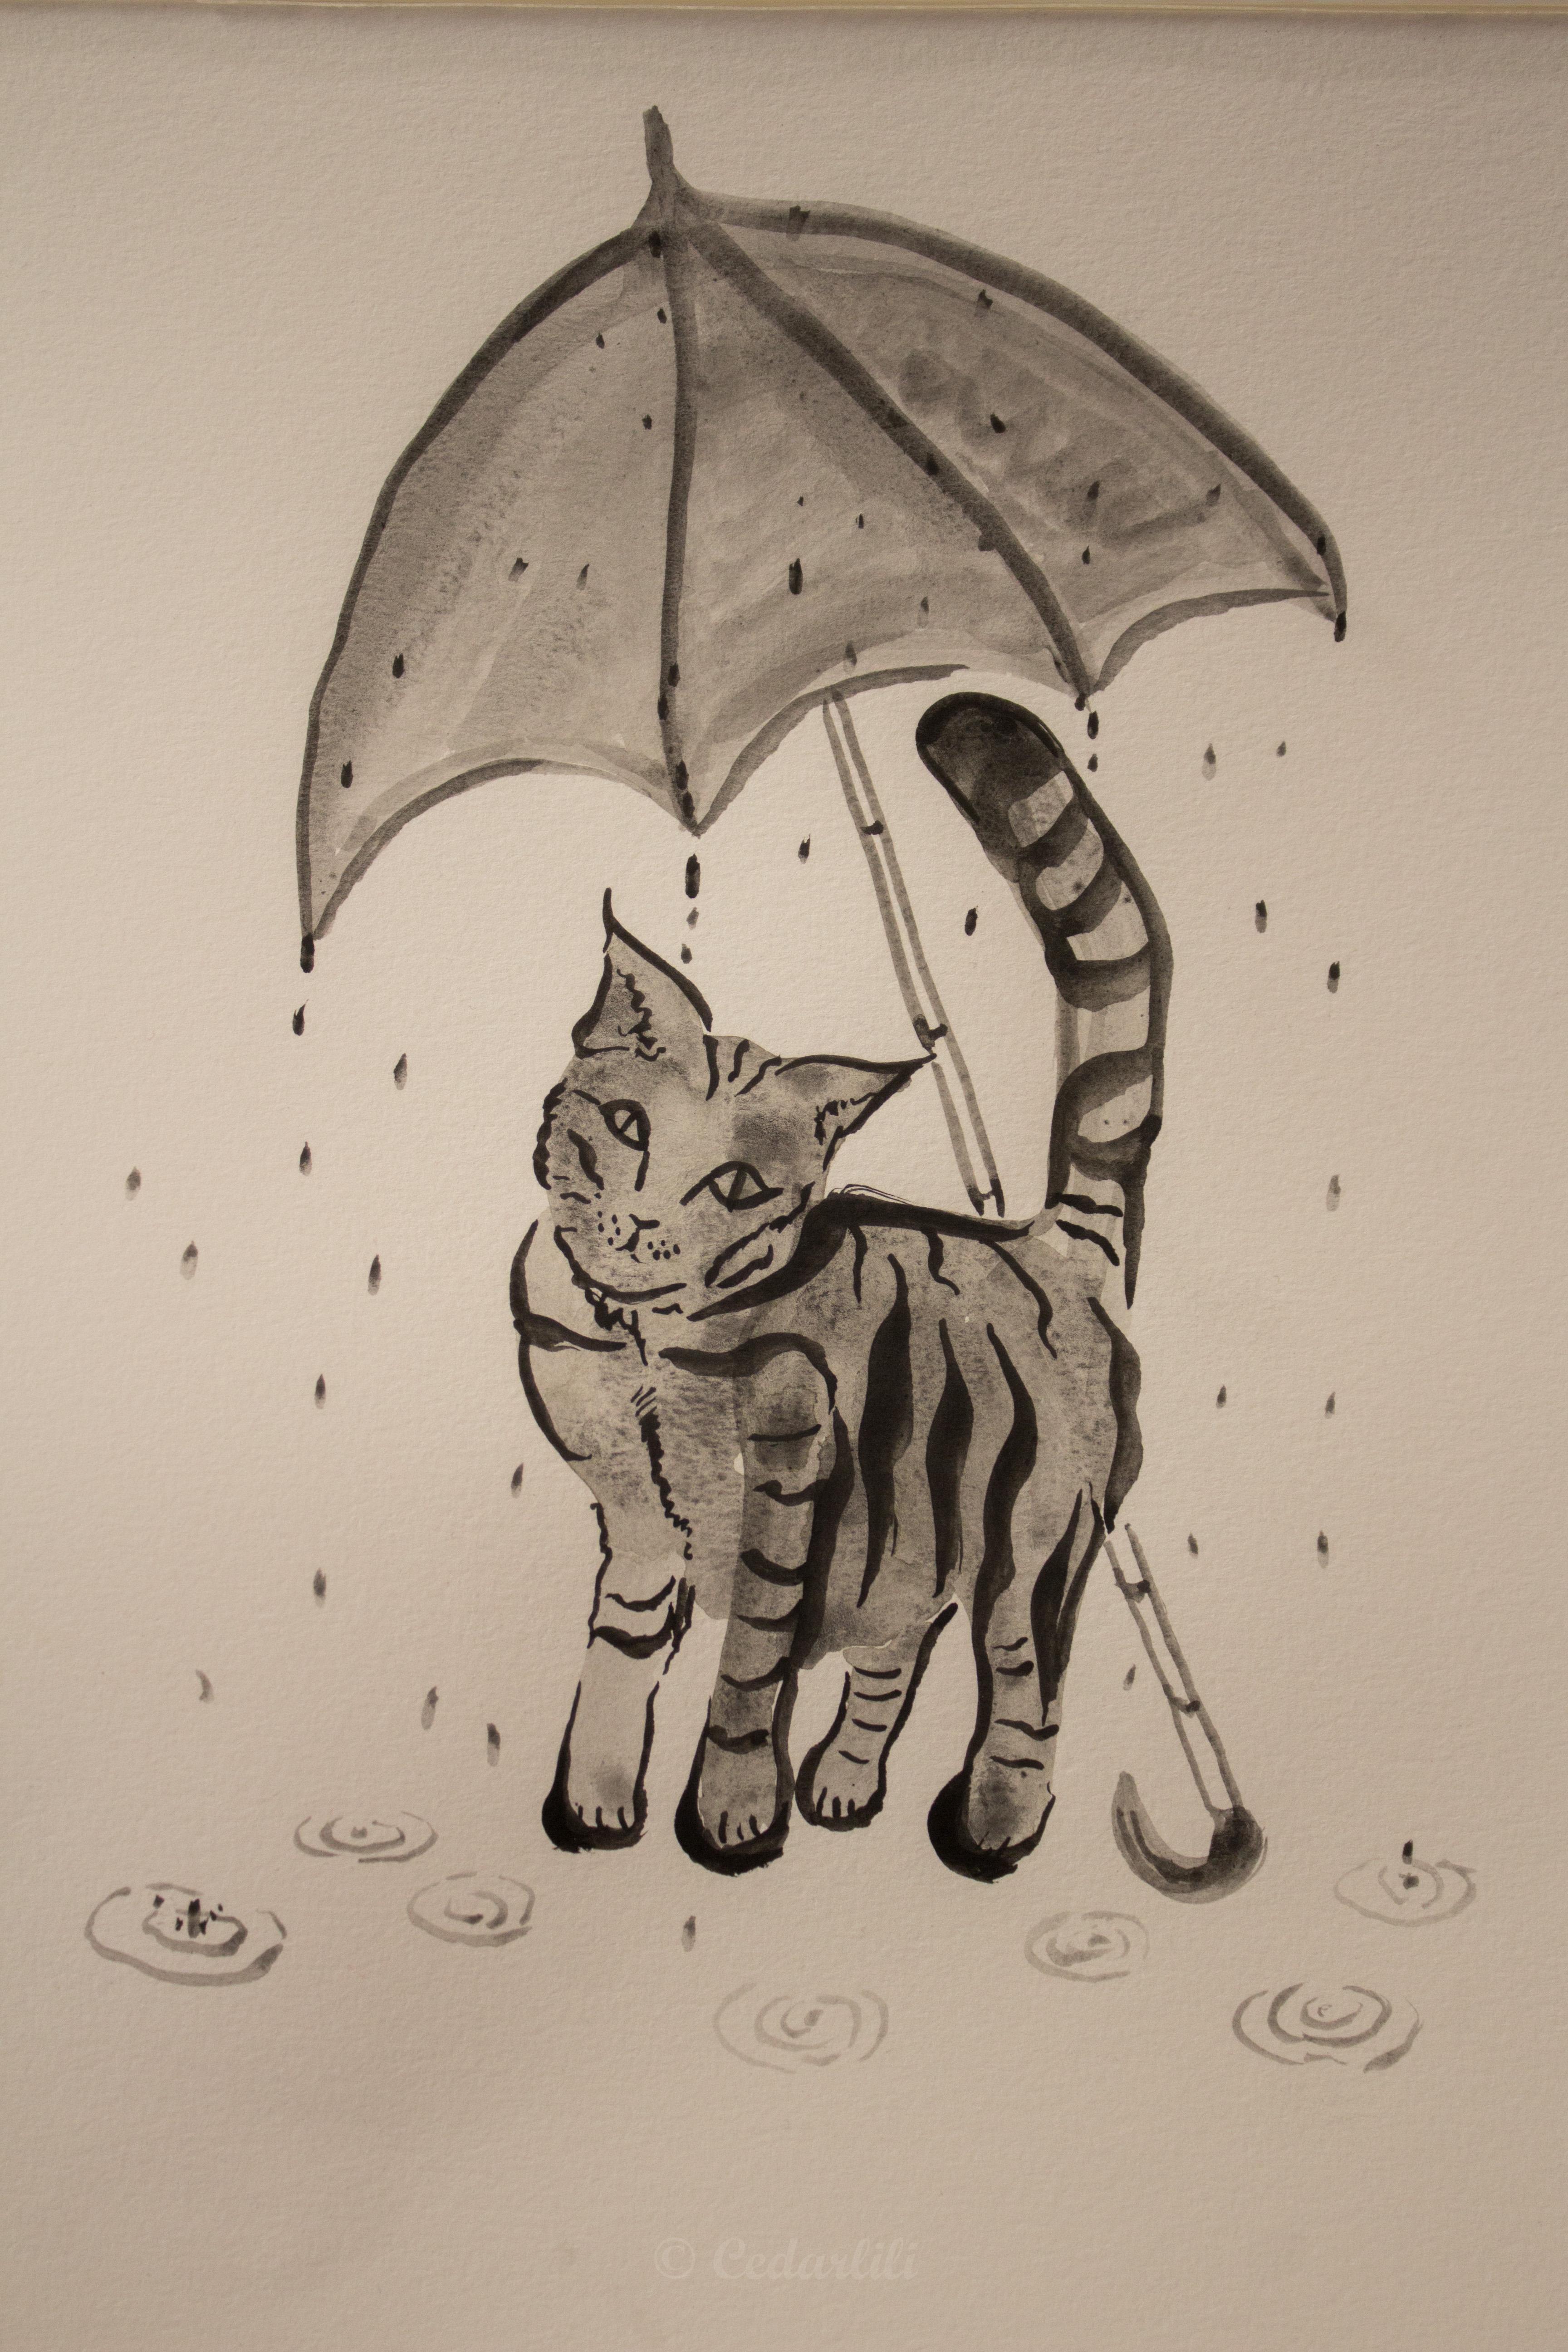 Sumi cat in the rain